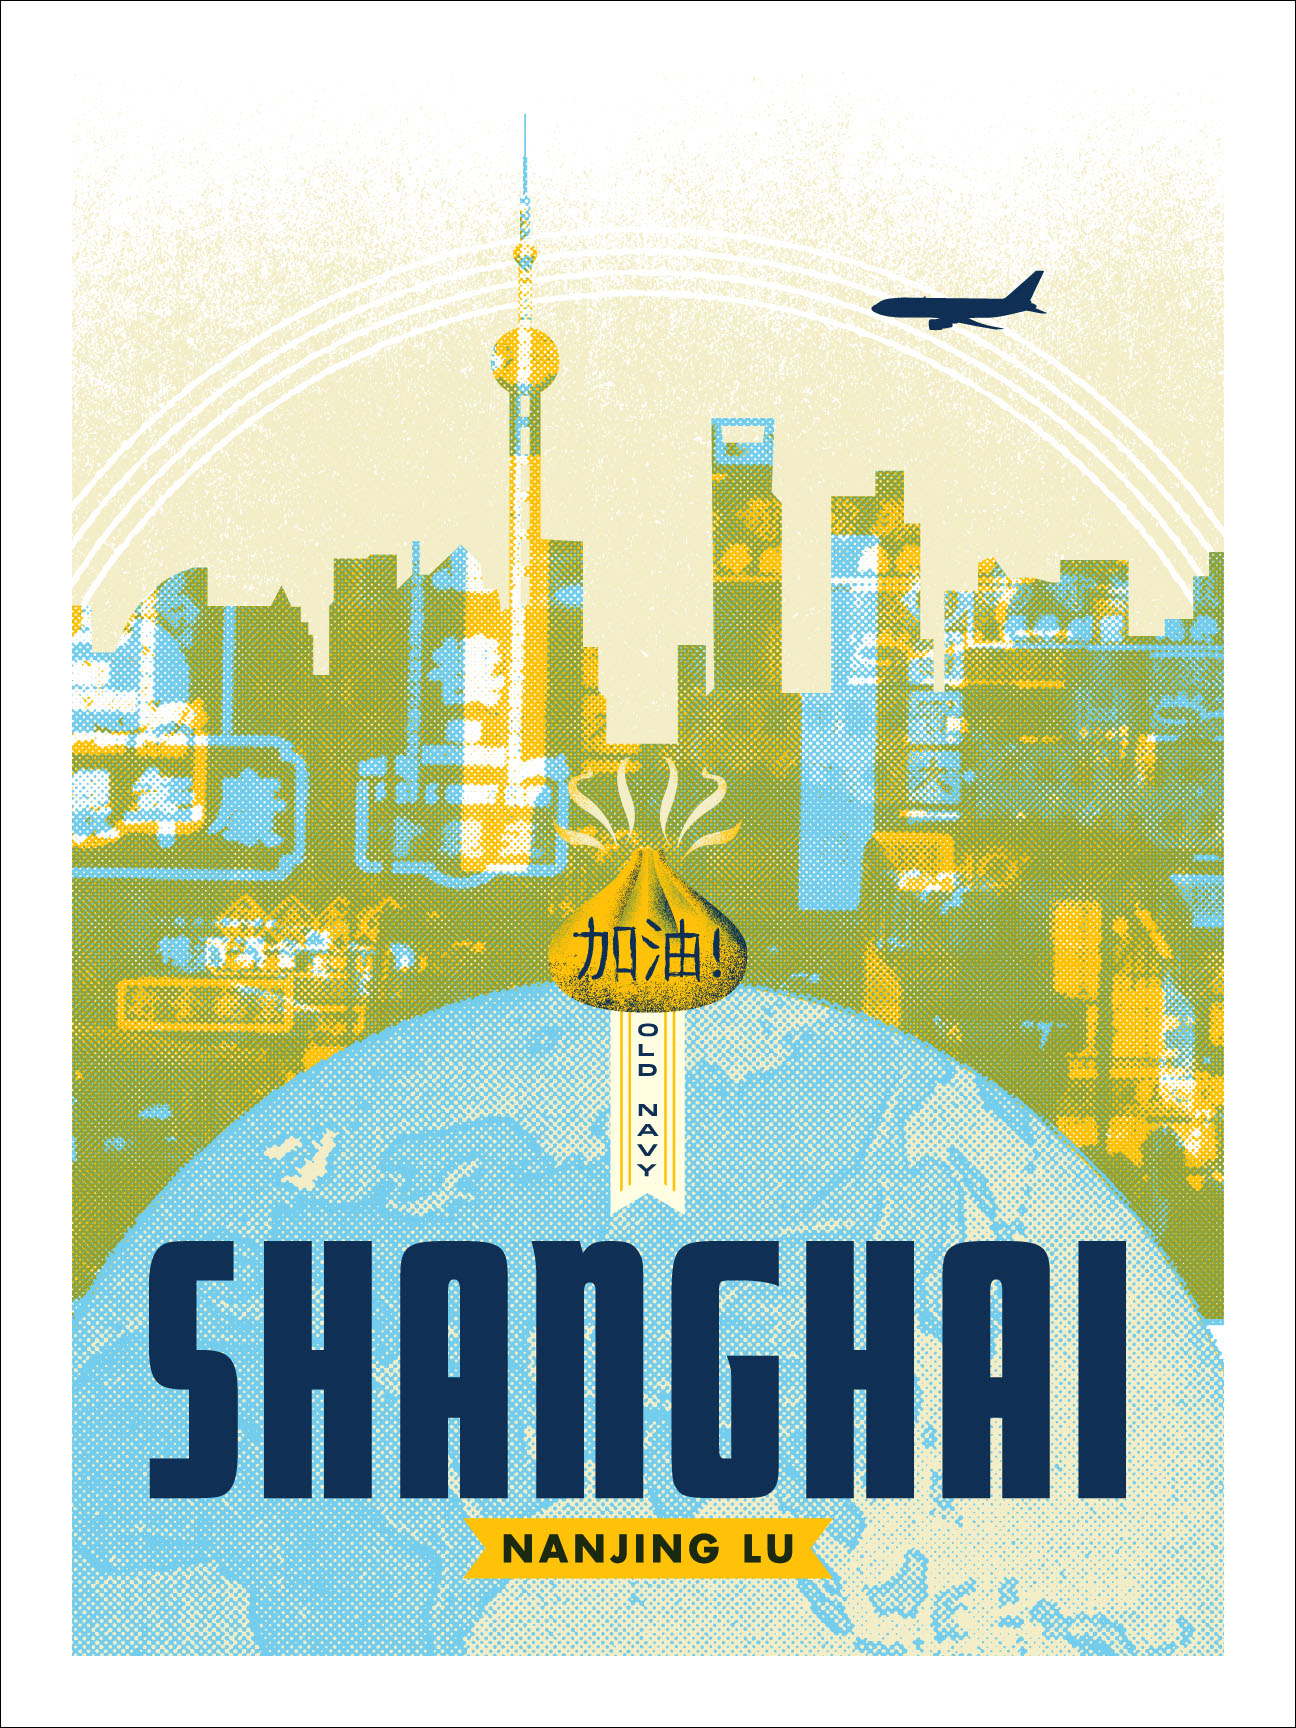 AAOldNavy-Shanghai-1-24-14